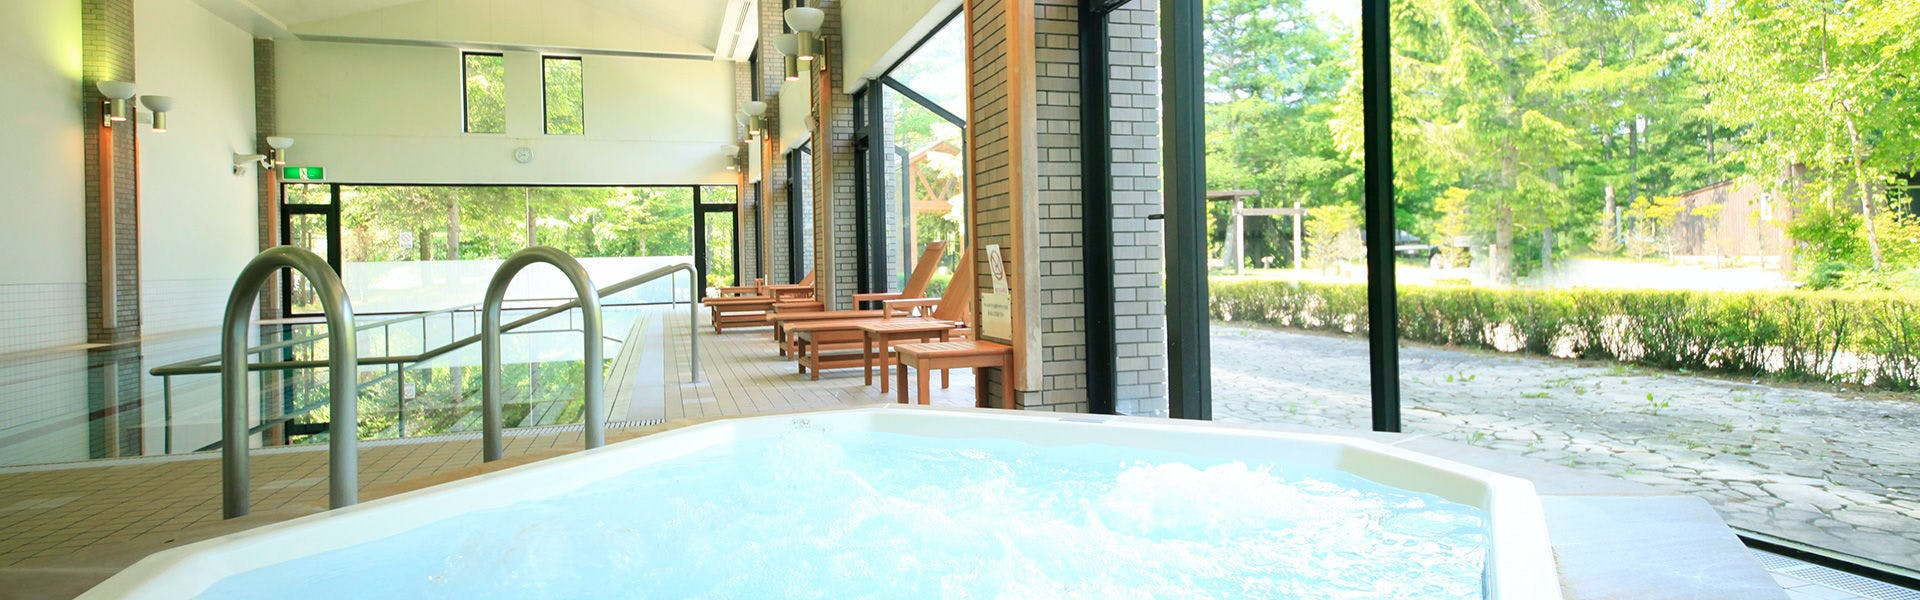 記念日におすすめのホテル・プレジデントリゾート軽井沢の写真3